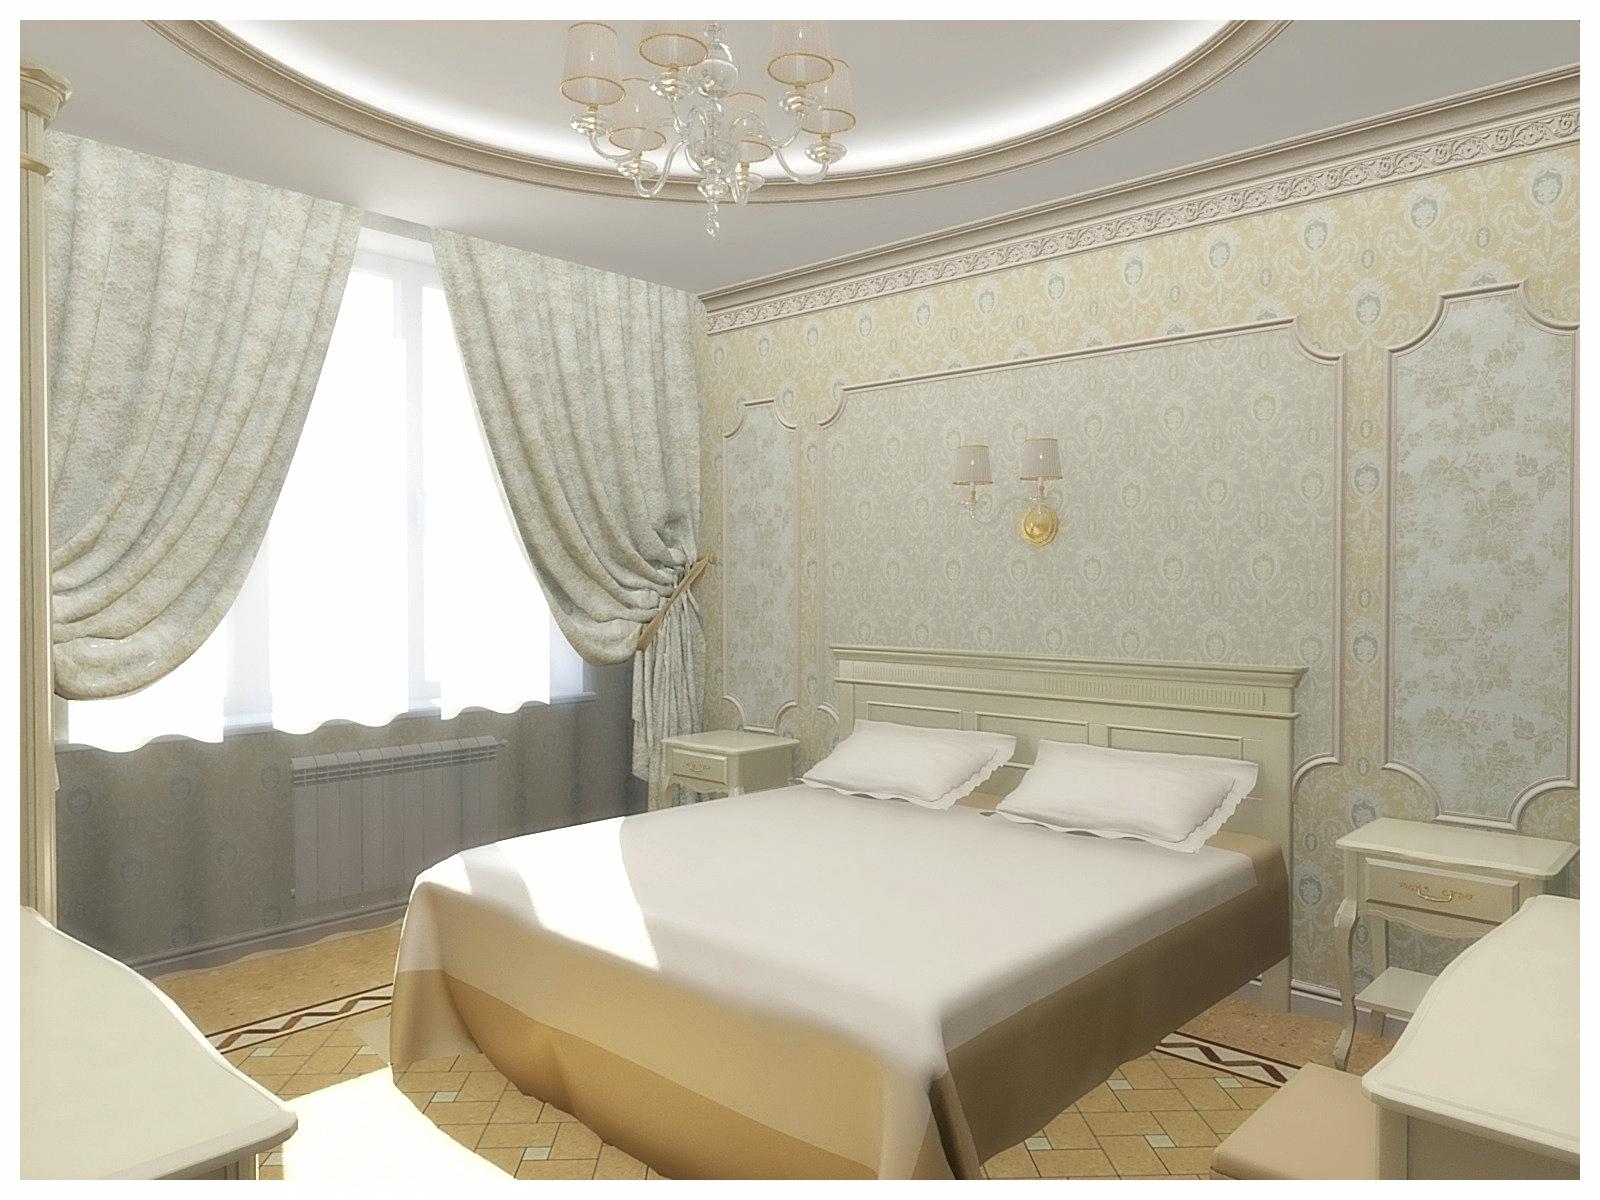 Дизайн интерьеров квартир. Спальня 2.